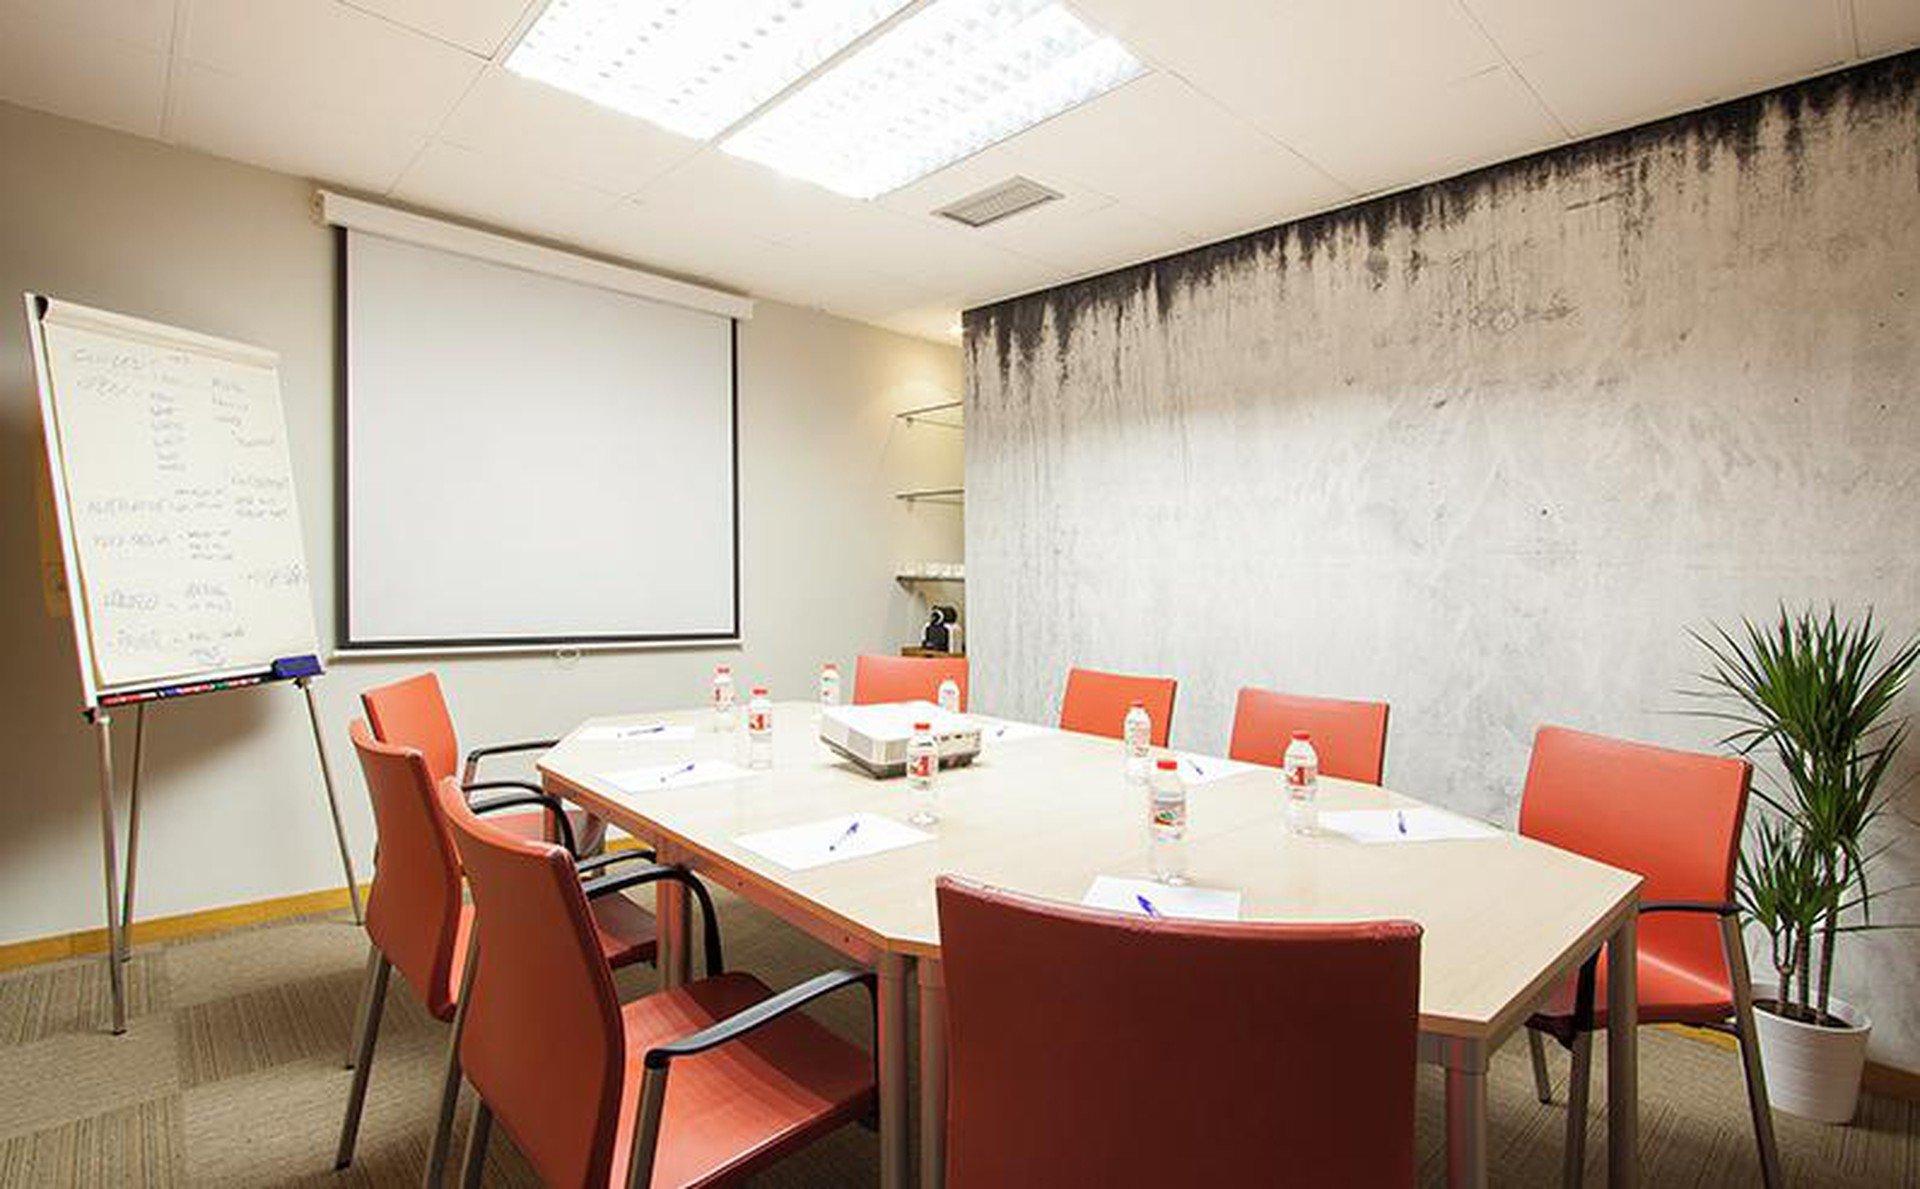 Barcelone  Salle de réunion Cac image 0